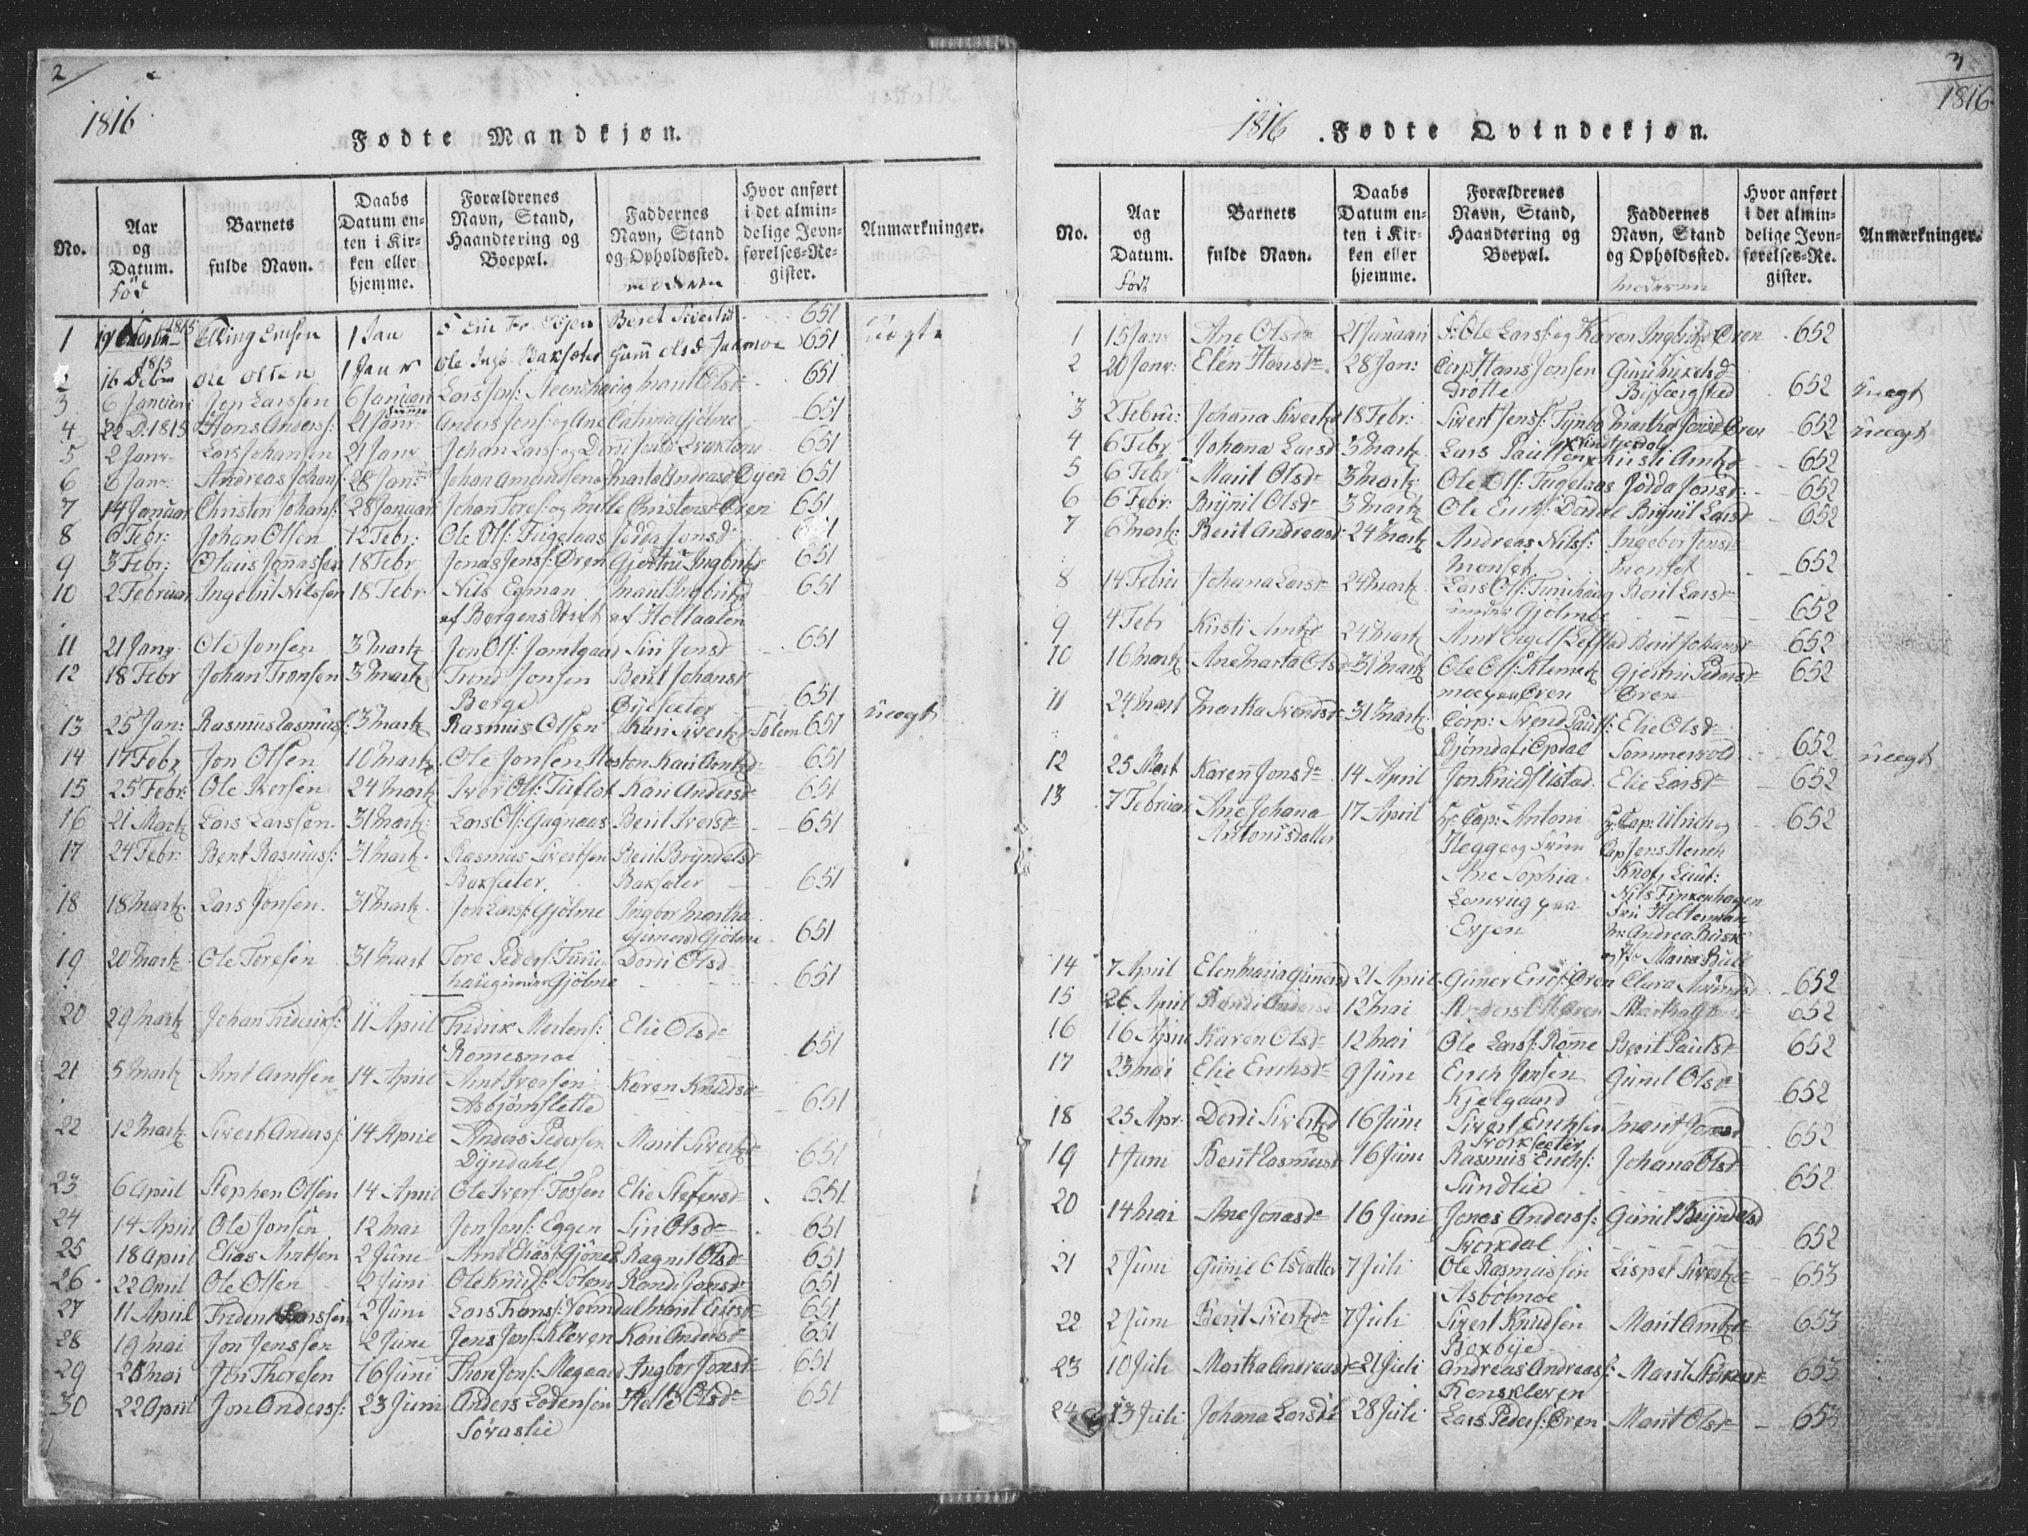 SAT, Ministerialprotokoller, klokkerbøker og fødselsregistre - Sør-Trøndelag, 668/L0816: Klokkerbok nr. 668C05, 1816-1893, s. 2-3